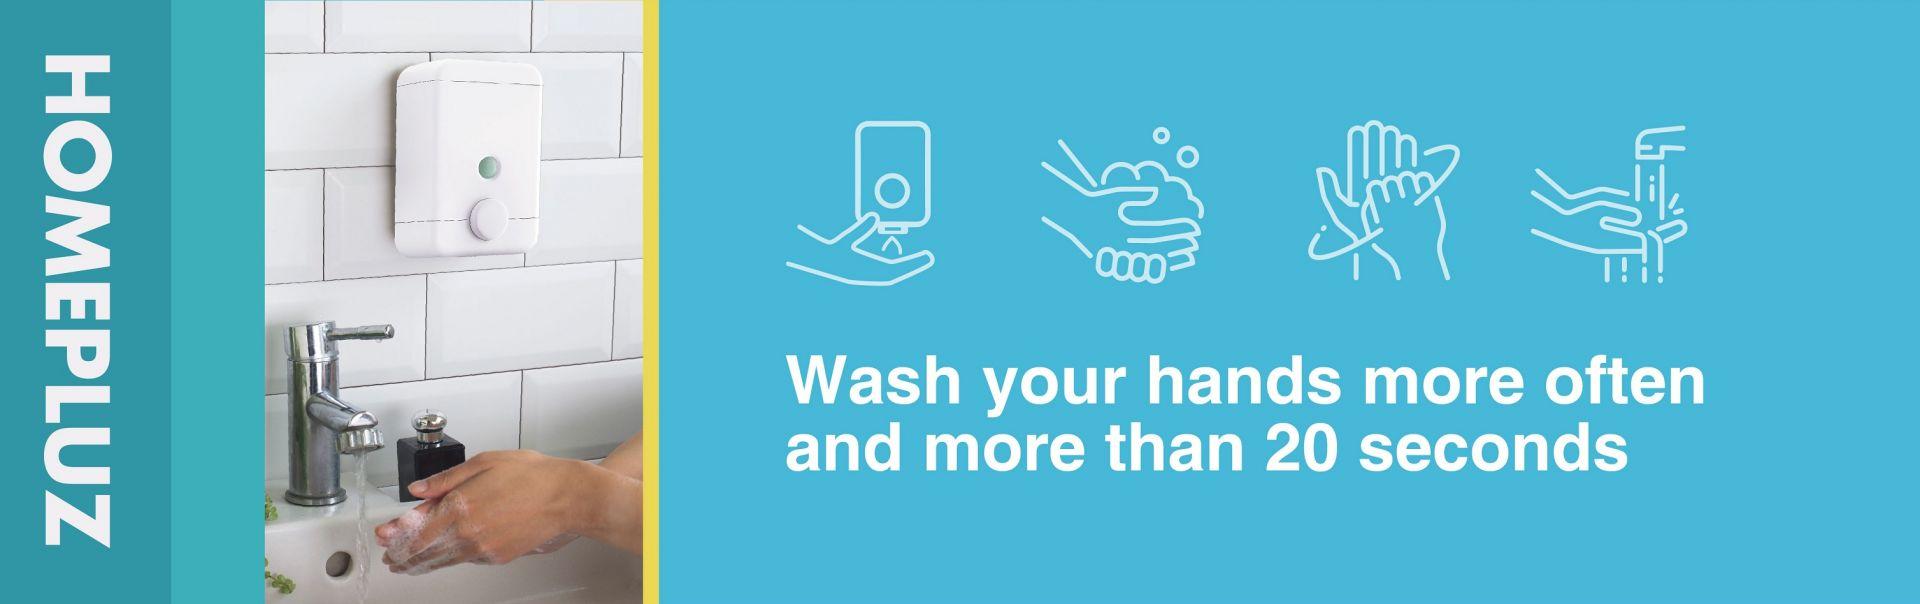 Handwashing to stay away from virus